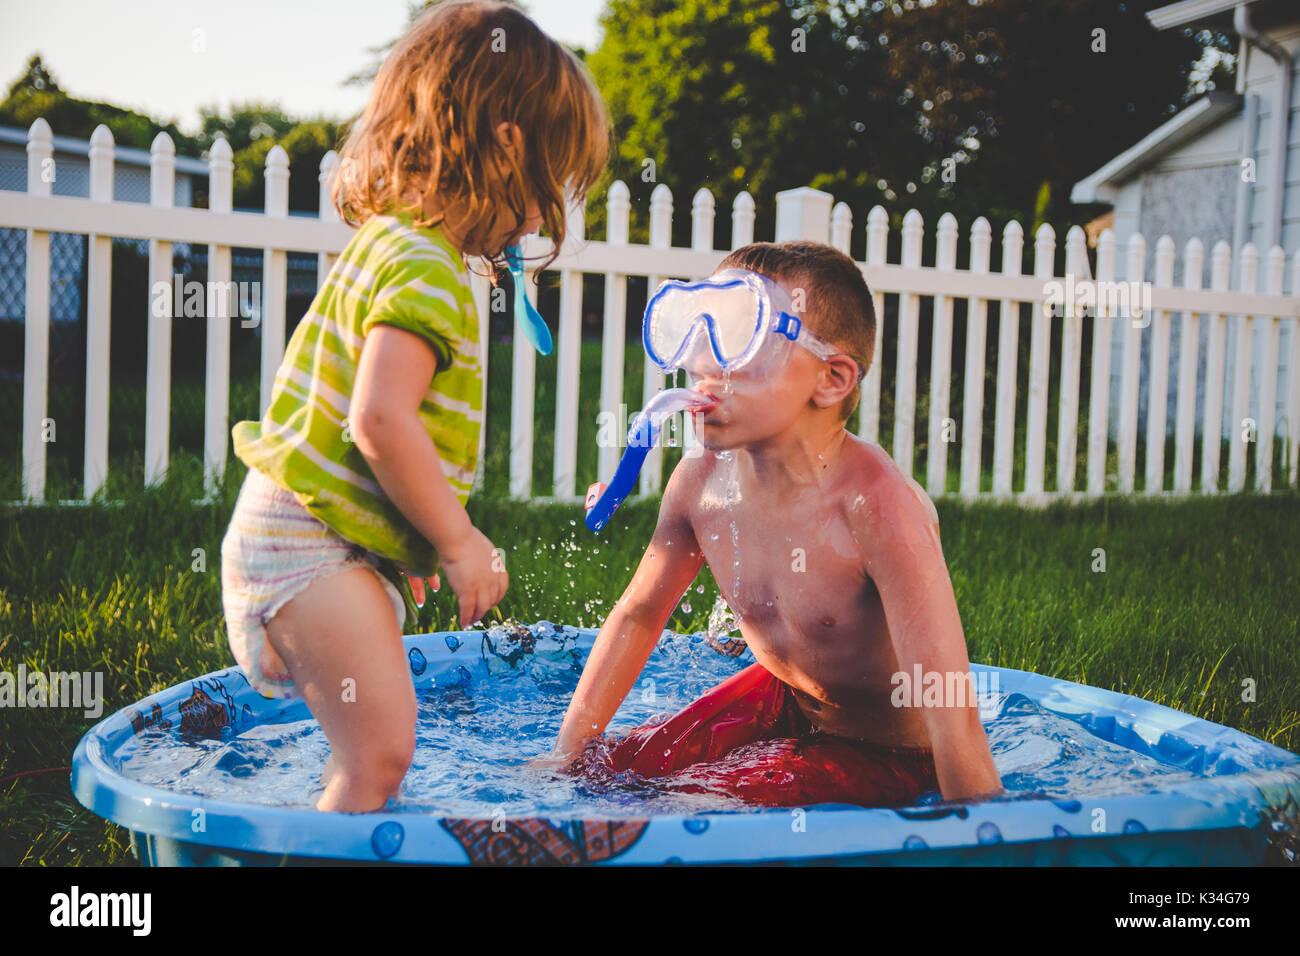 Un chico llevaba una máscara de buceo mira a una niña en una piscina para niños Imagen De Stock